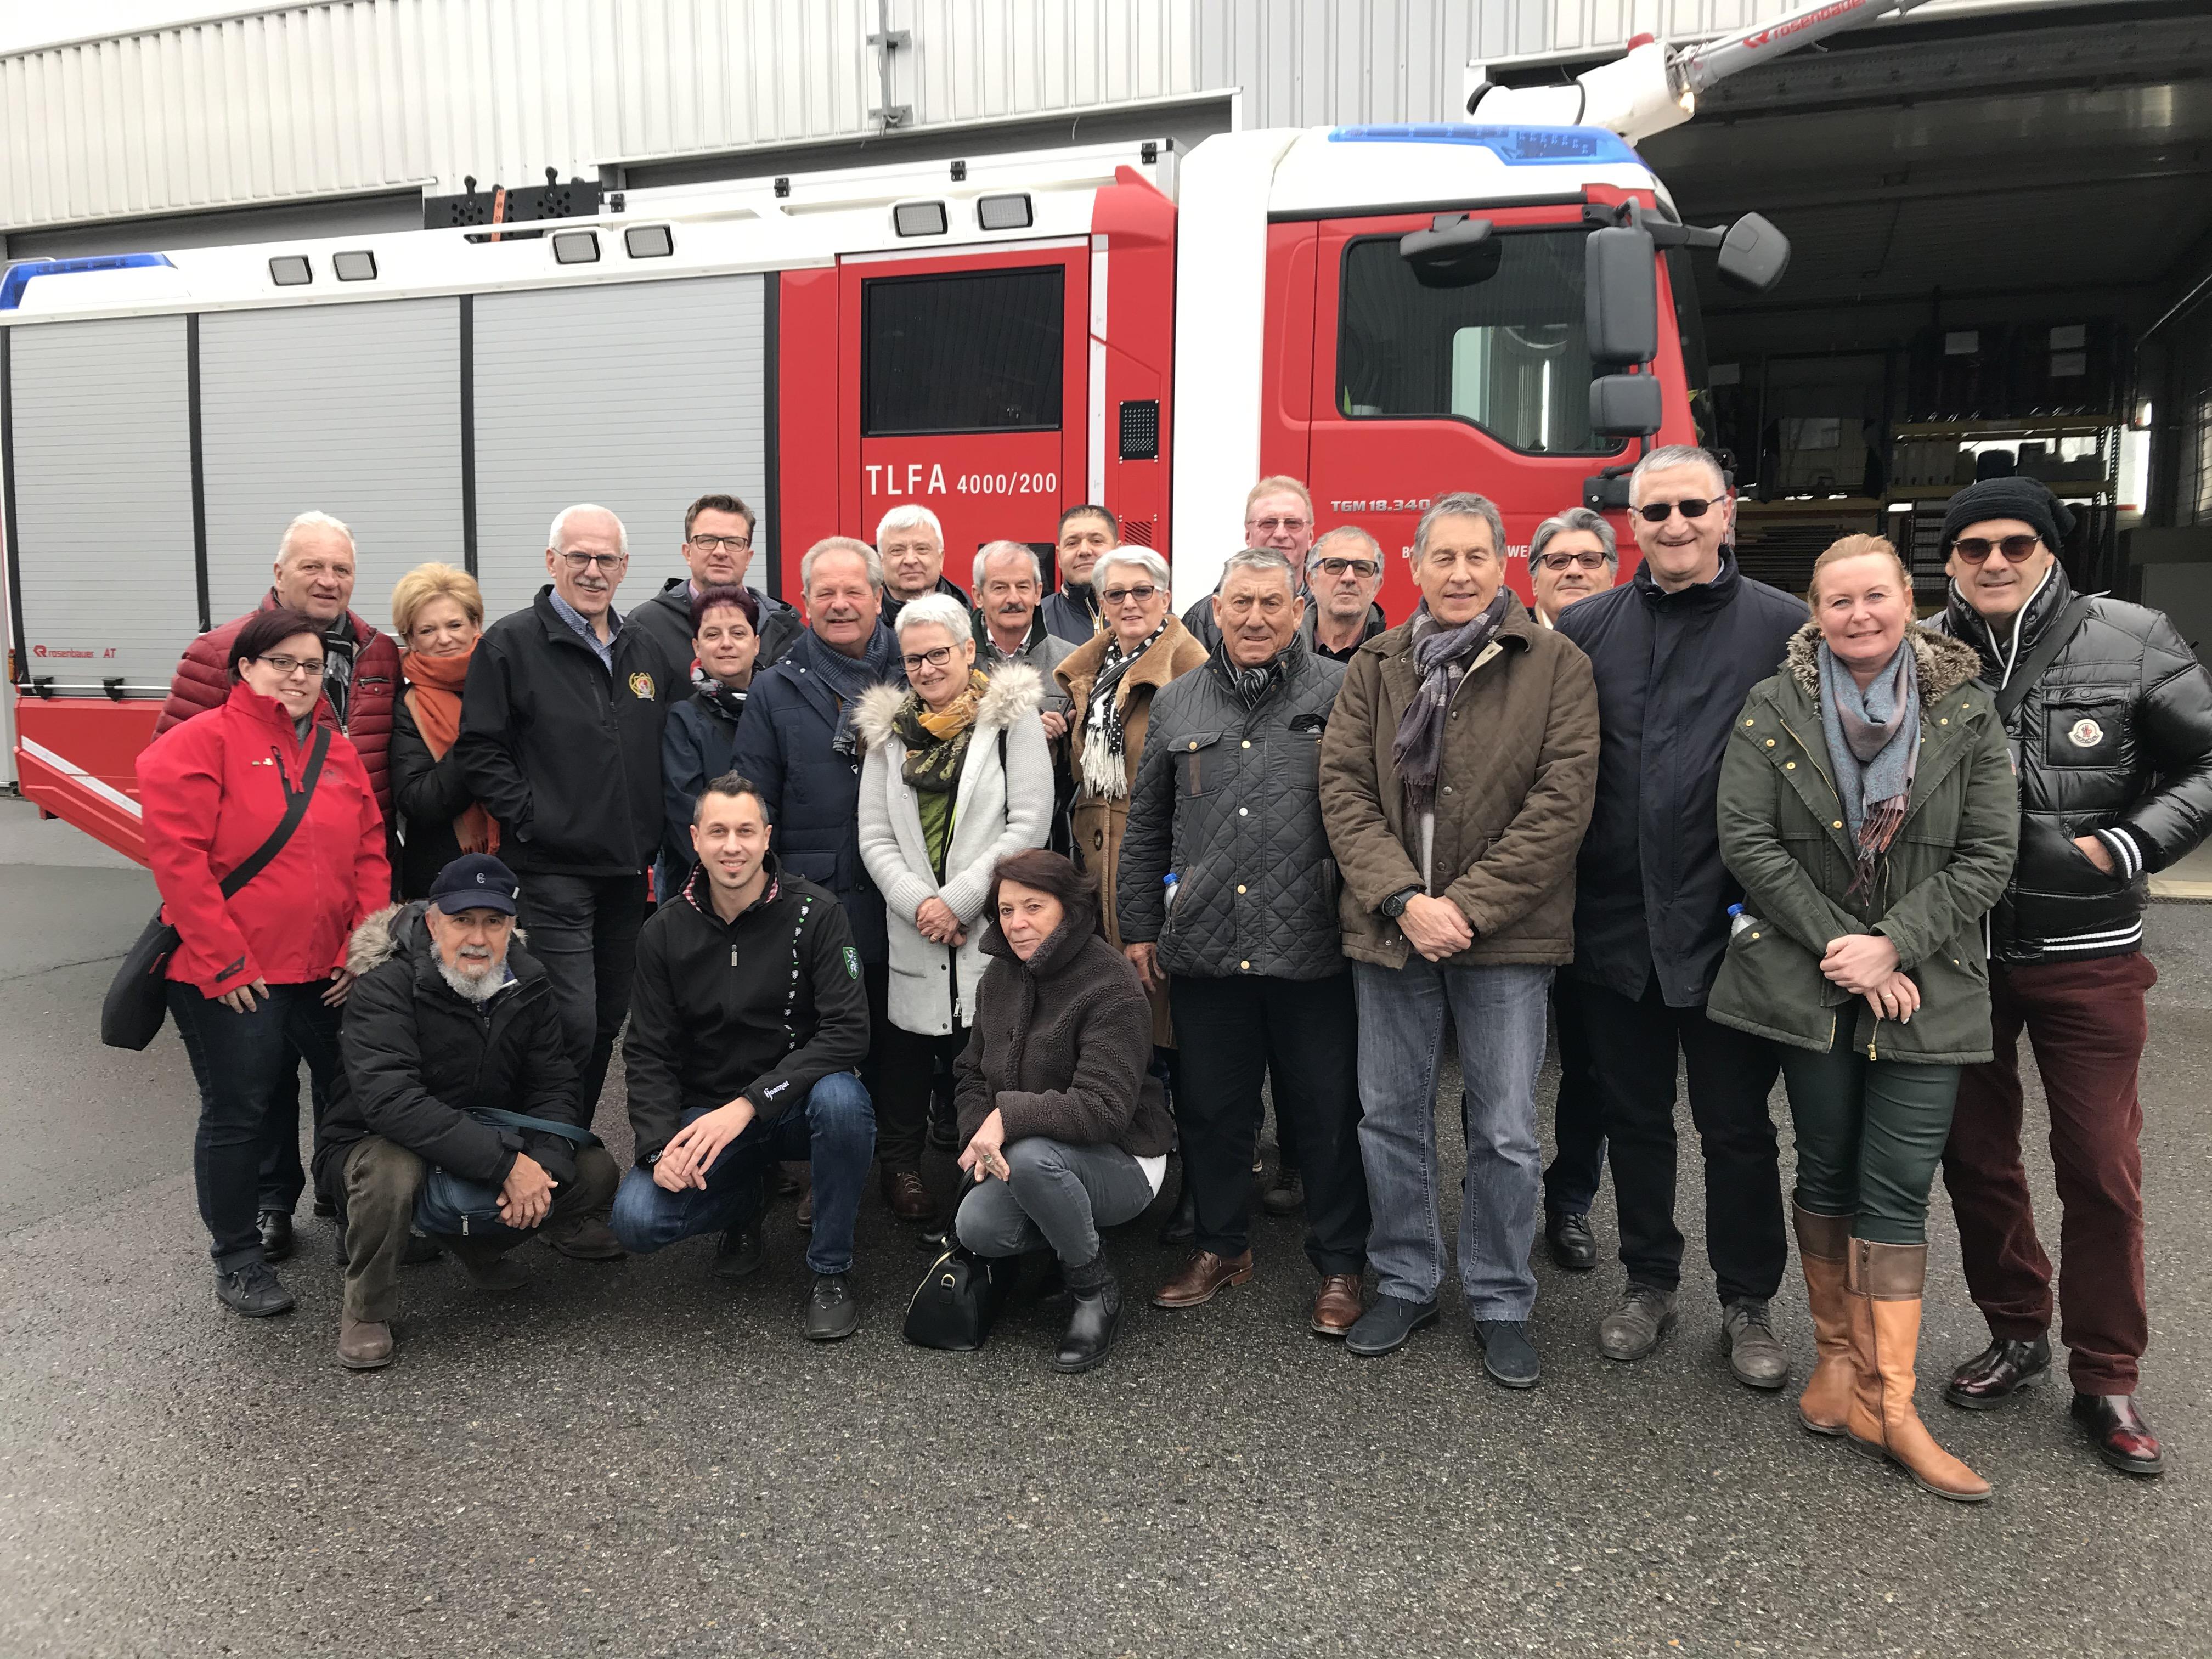 Landessteuergruppentreffen Schulsozialarbeit i.d. Steiermark